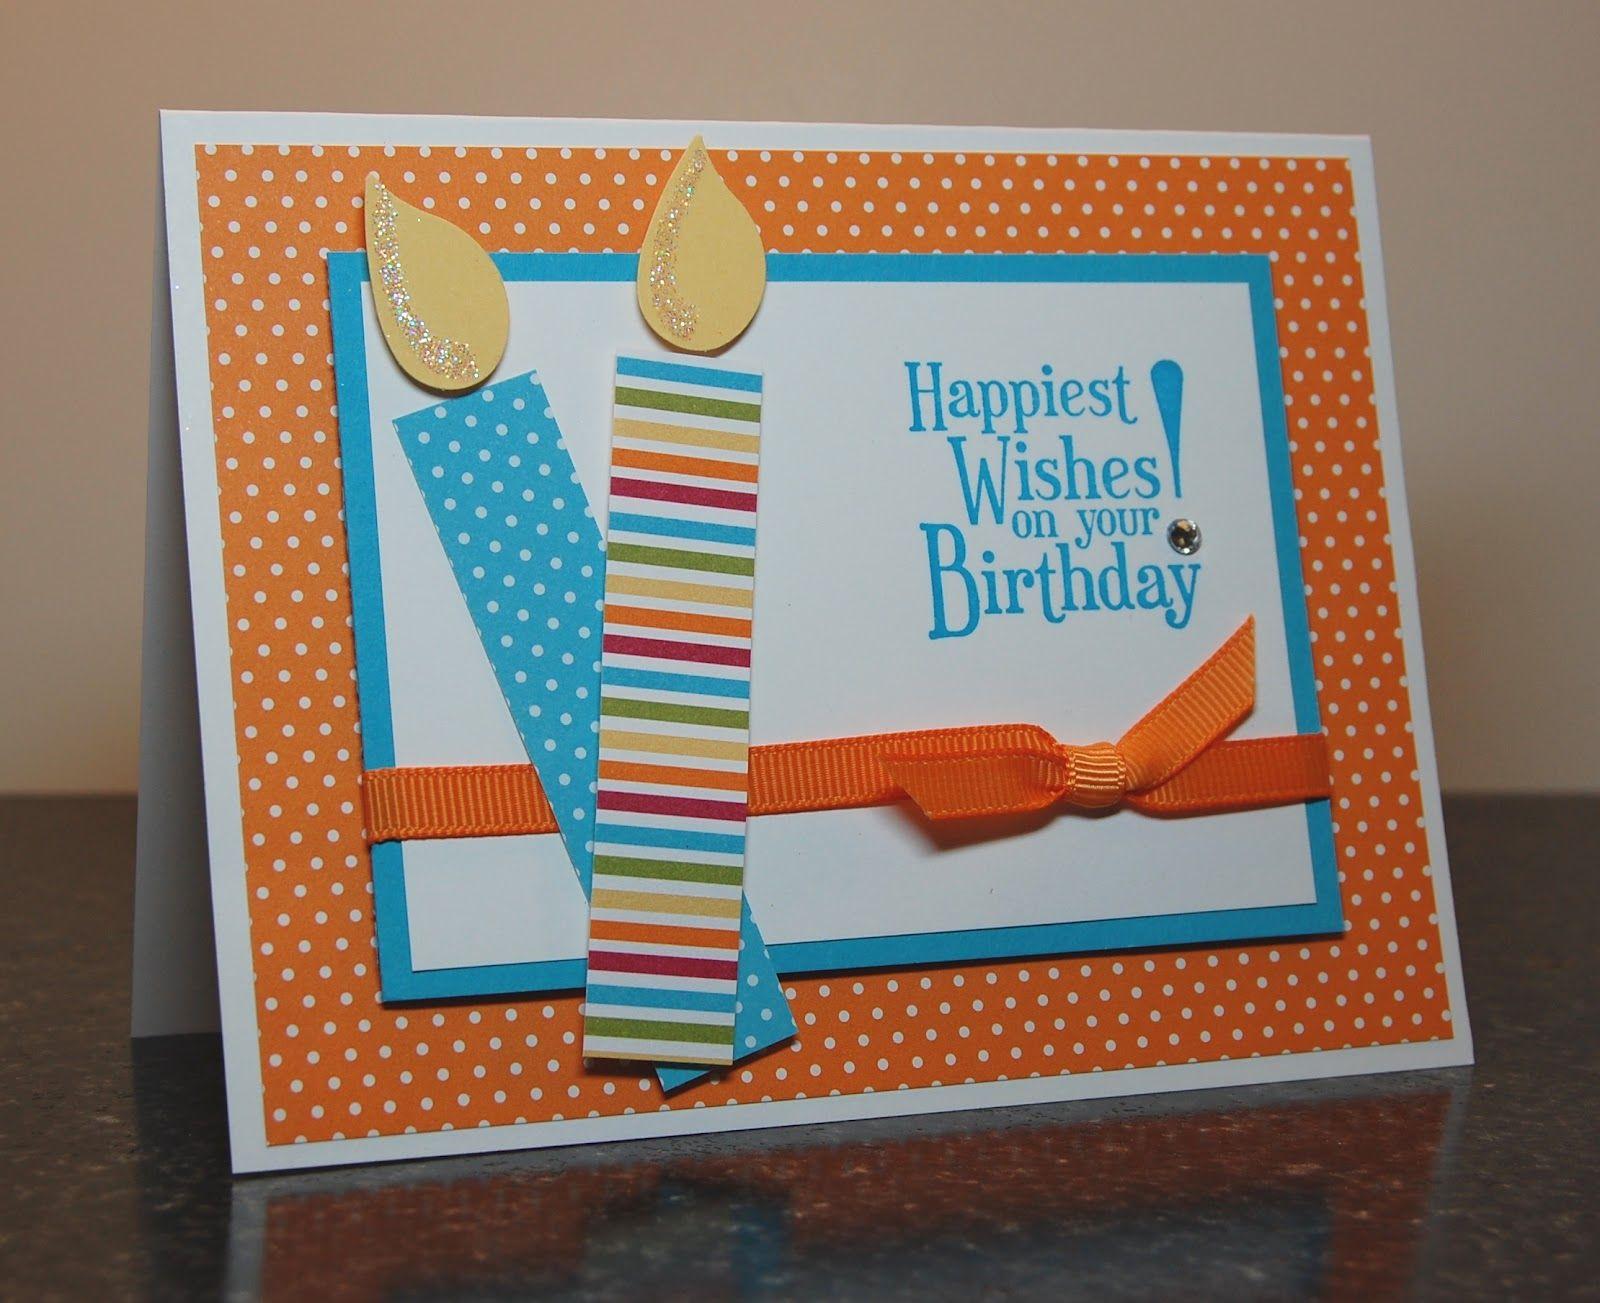 Как сделать открытку для дедушки на день рождения видео своими руками, старым новым